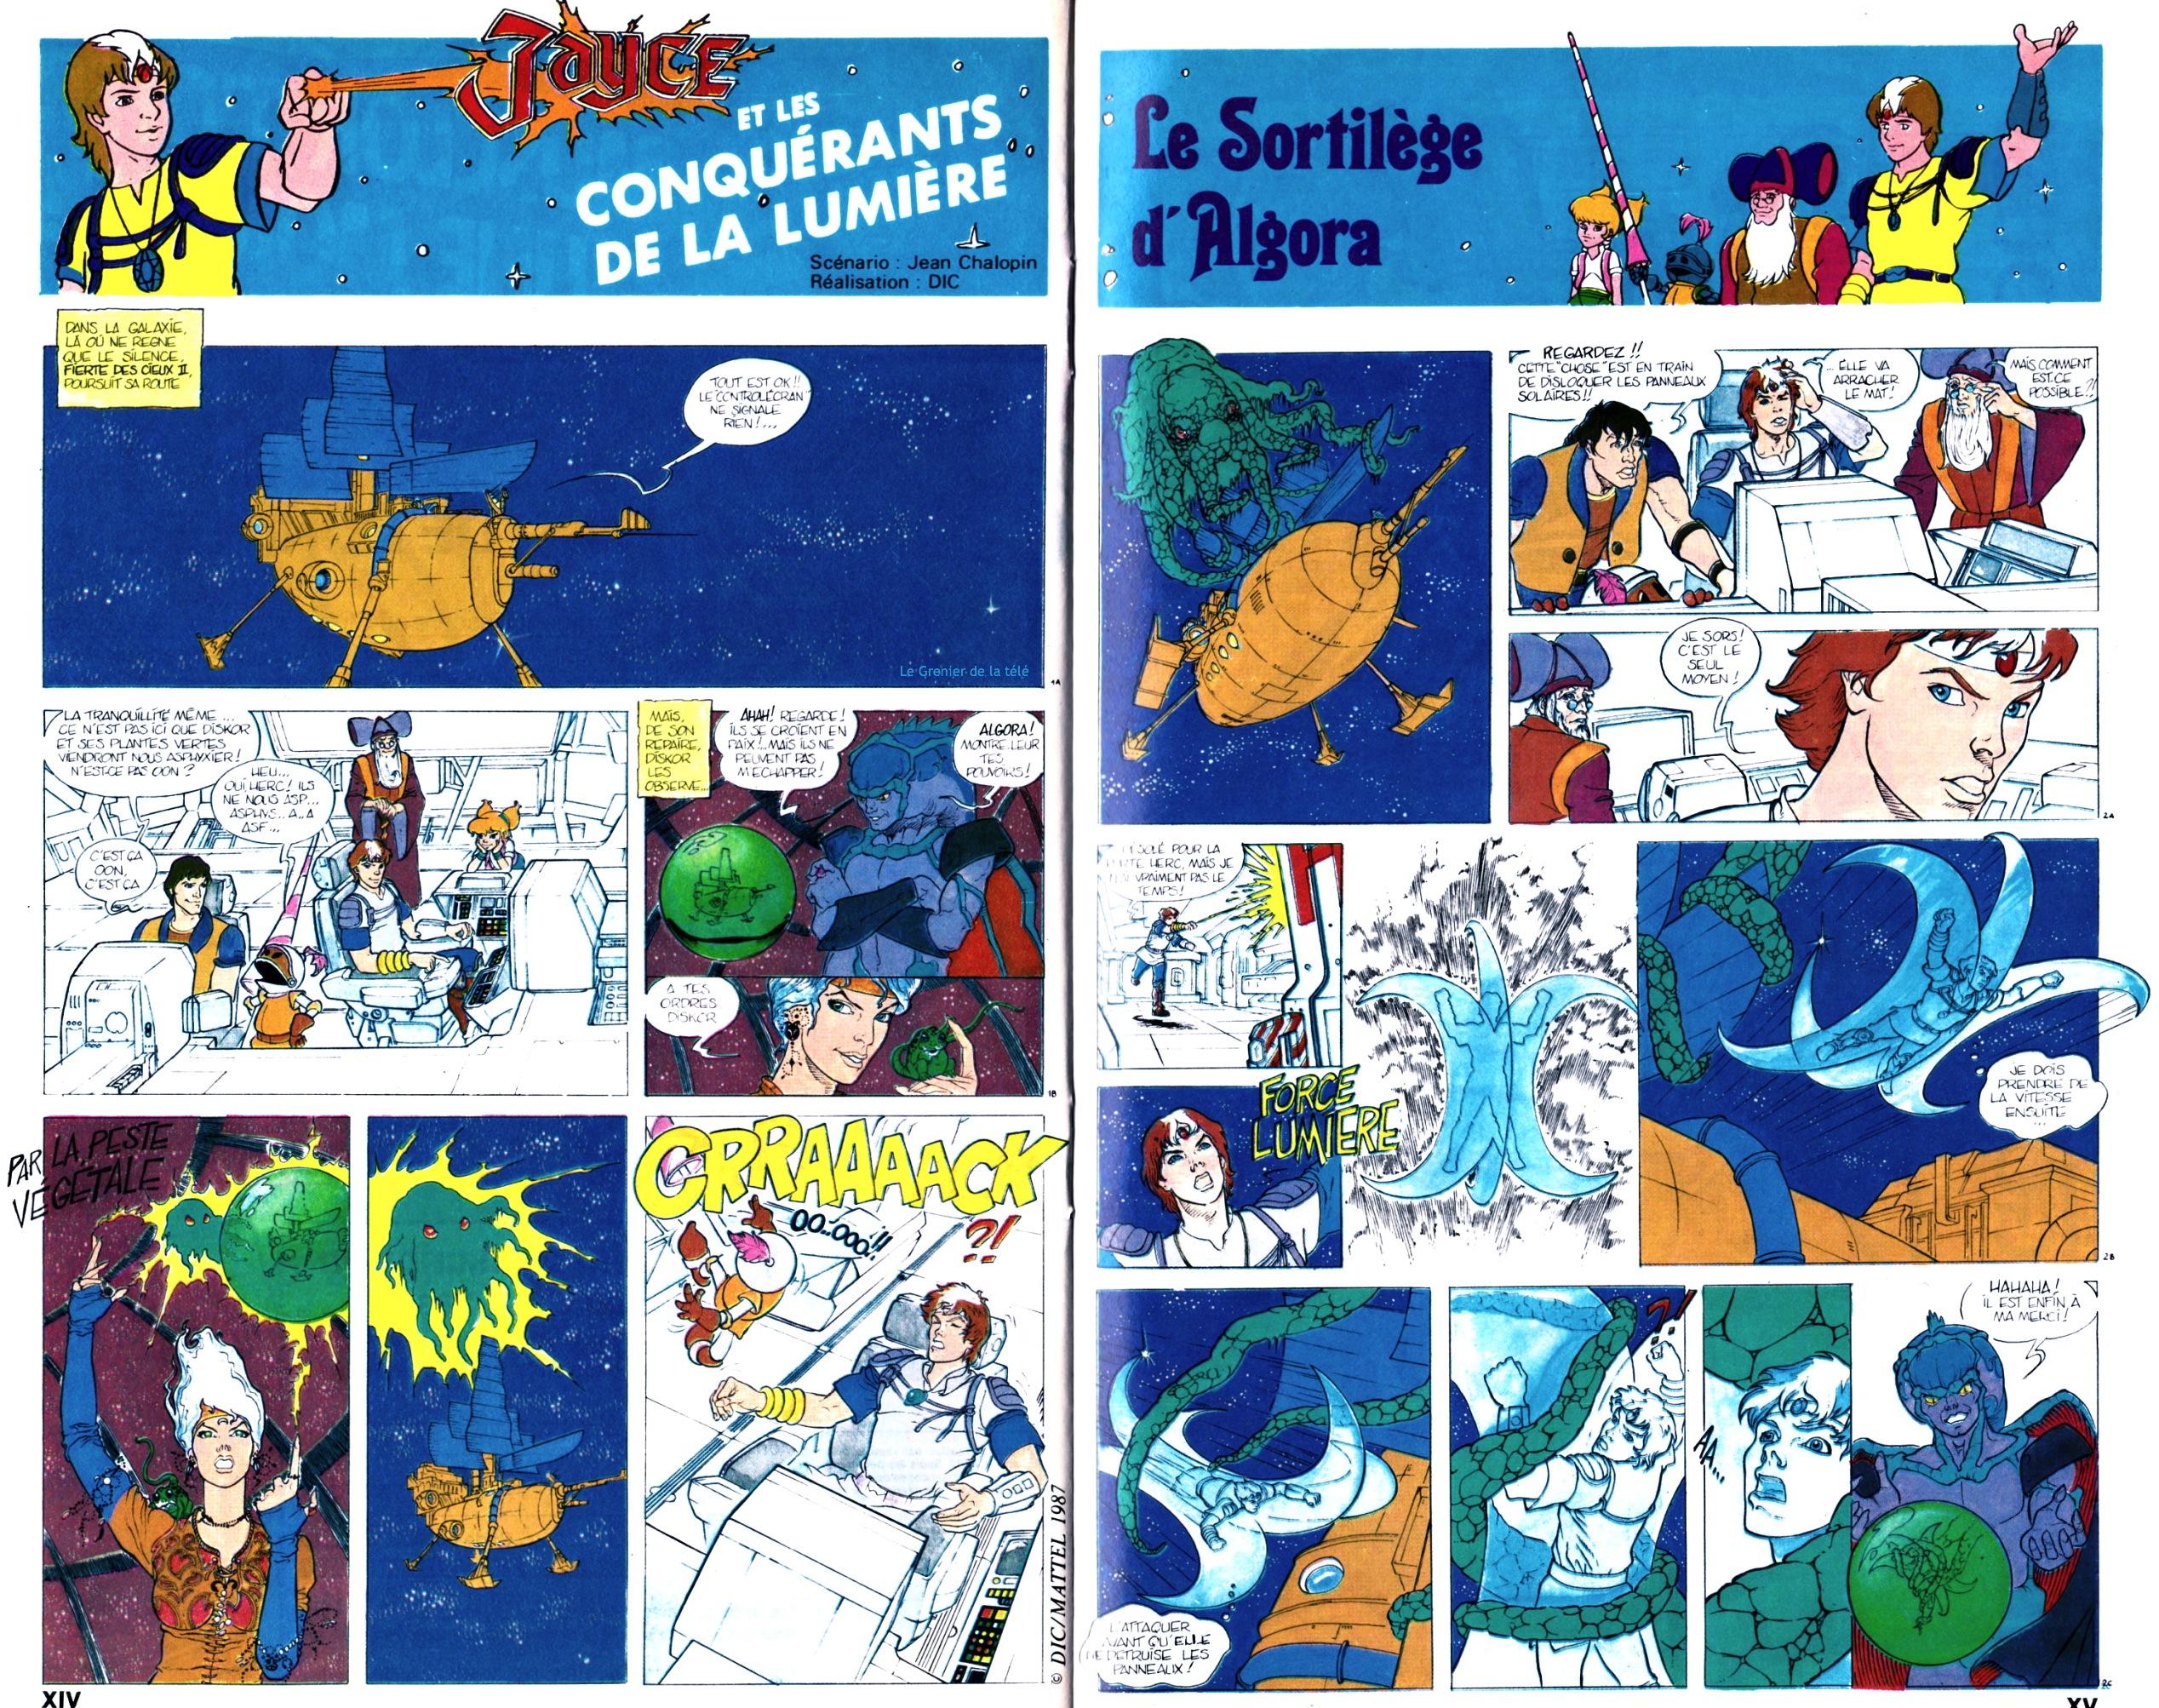 http://grenierdelatv.free.fr/pochejunior01h.jpg